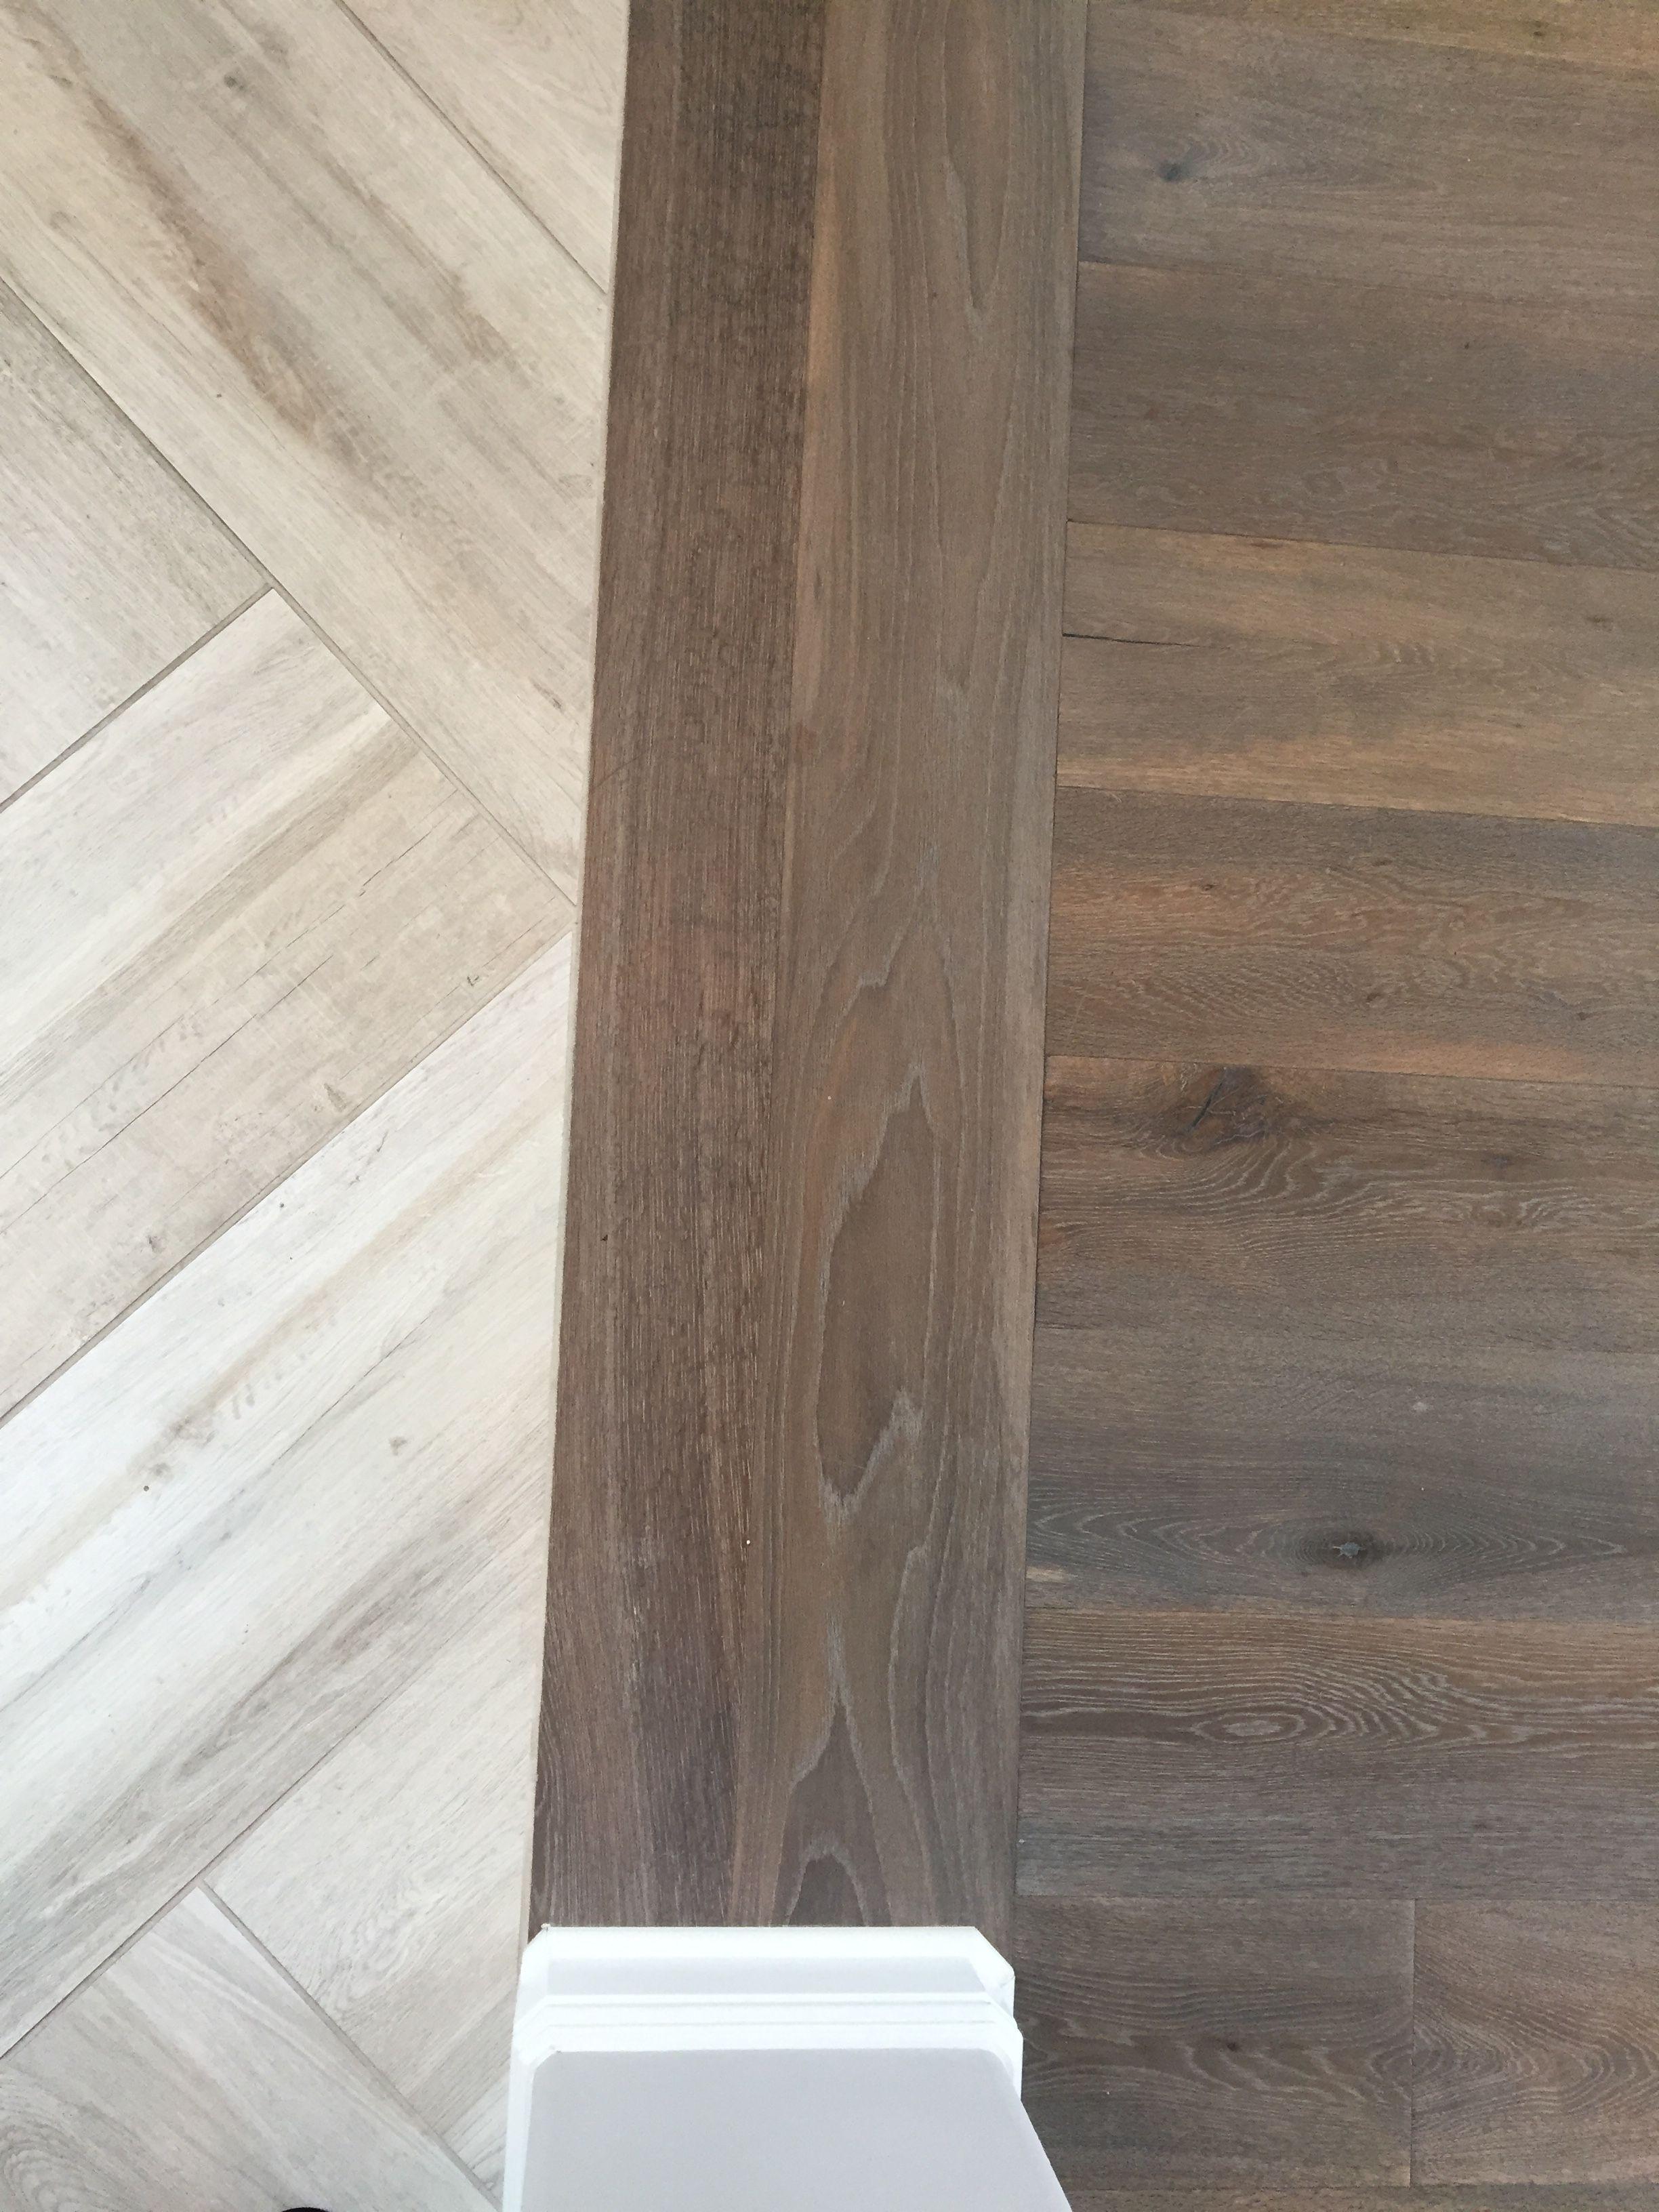 diy hardwood floor cleaner of floor transition laminate to herringbone tile pattern model intended for floor transition laminate to herringbone tile pattern herringbone tile pattern herringbone wood floor